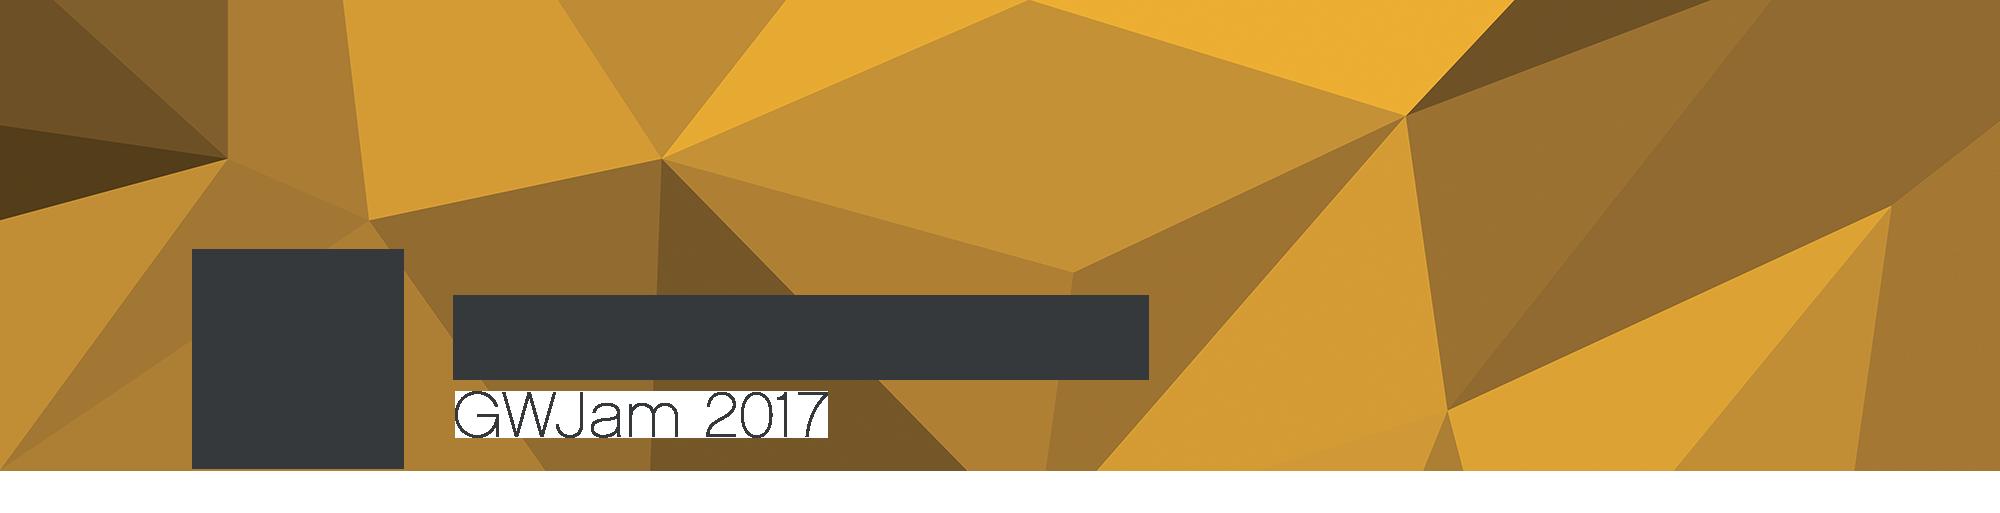 Games Wales - GWJam 2017